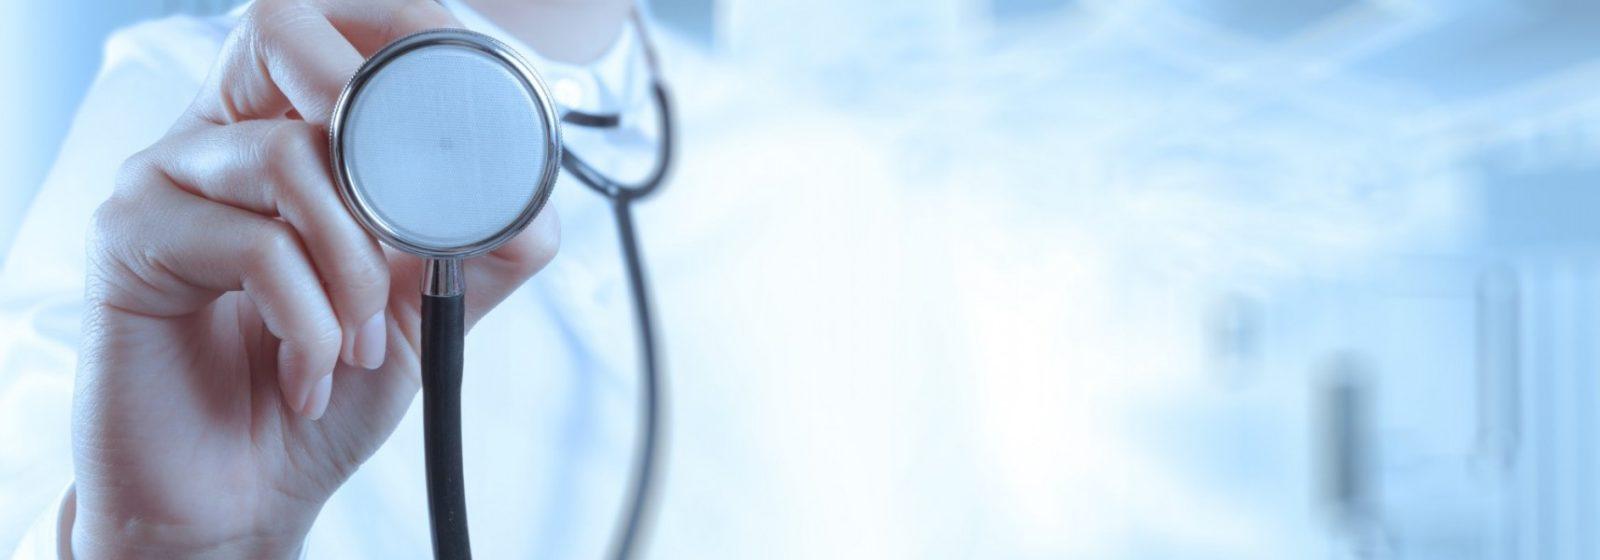 L'omeopatia nel trattamento dell'amenorrea primaria e secondaria